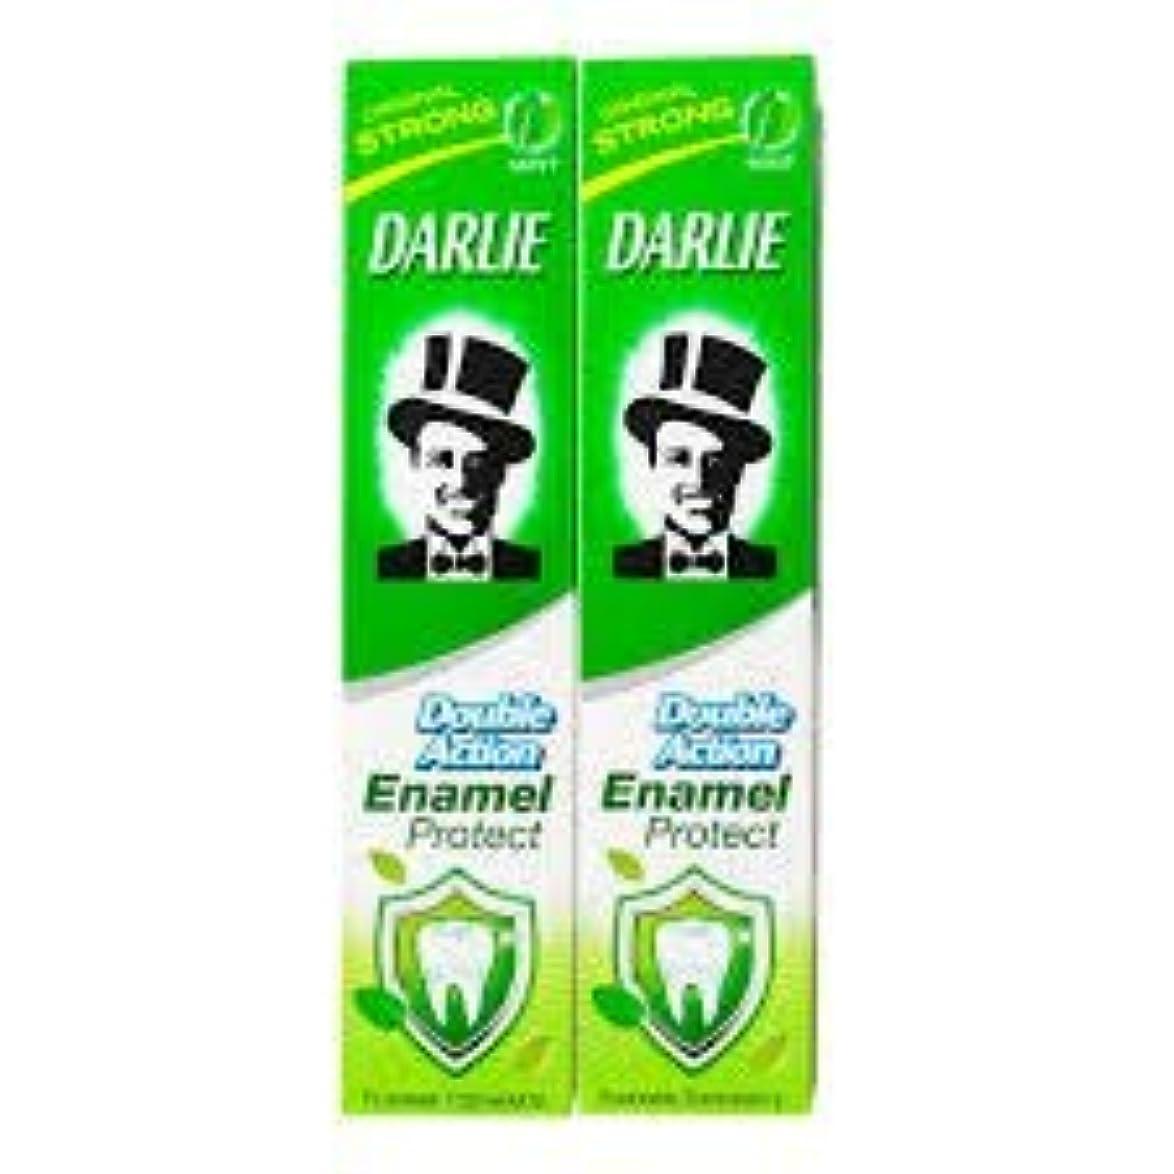 失ウェイド植物のDARLIE 歯磨き粉歯磨き粉二重の役割、保護エナメル強いミント2×220ケ - あなたの歯を強化し、防御の最前線